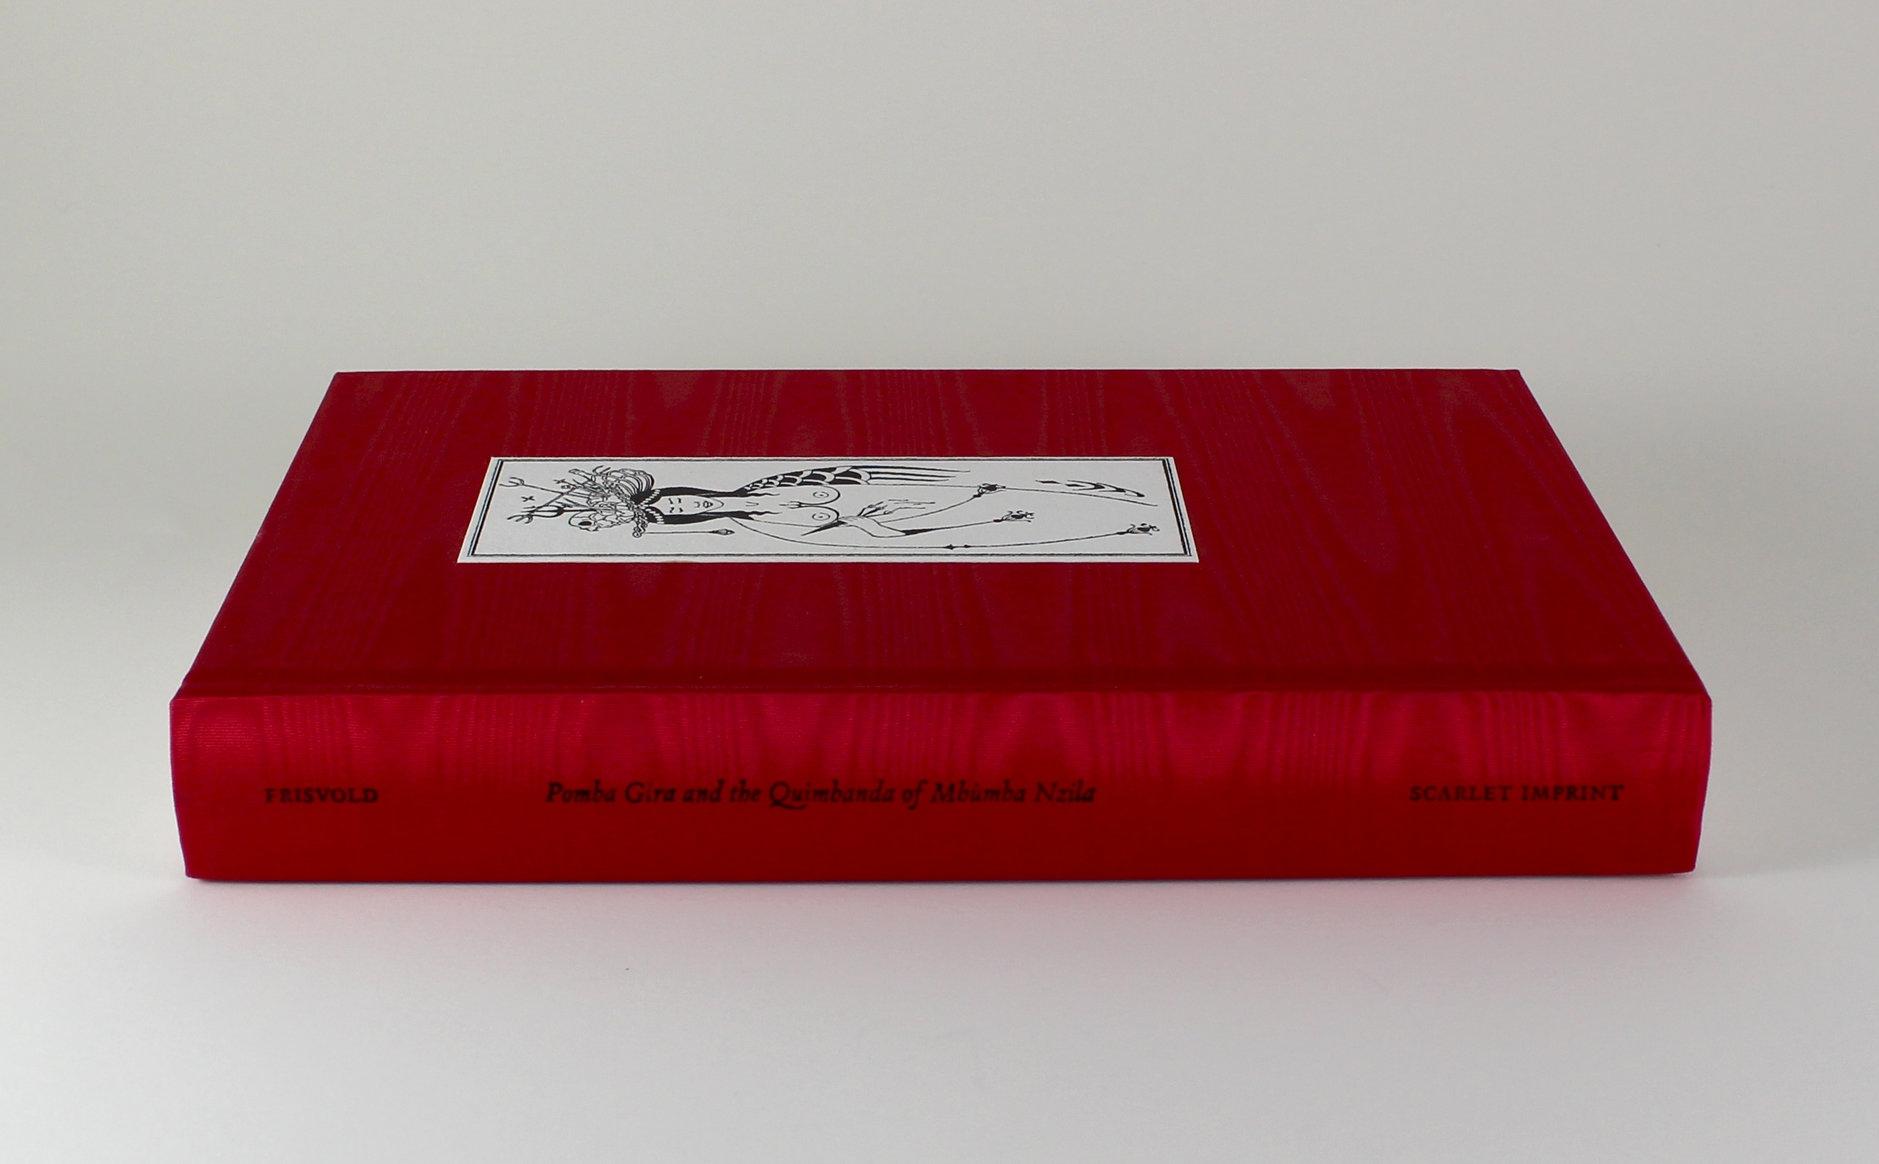 The standard edition of Pomba Gira, resplendent in scarlet moiré.